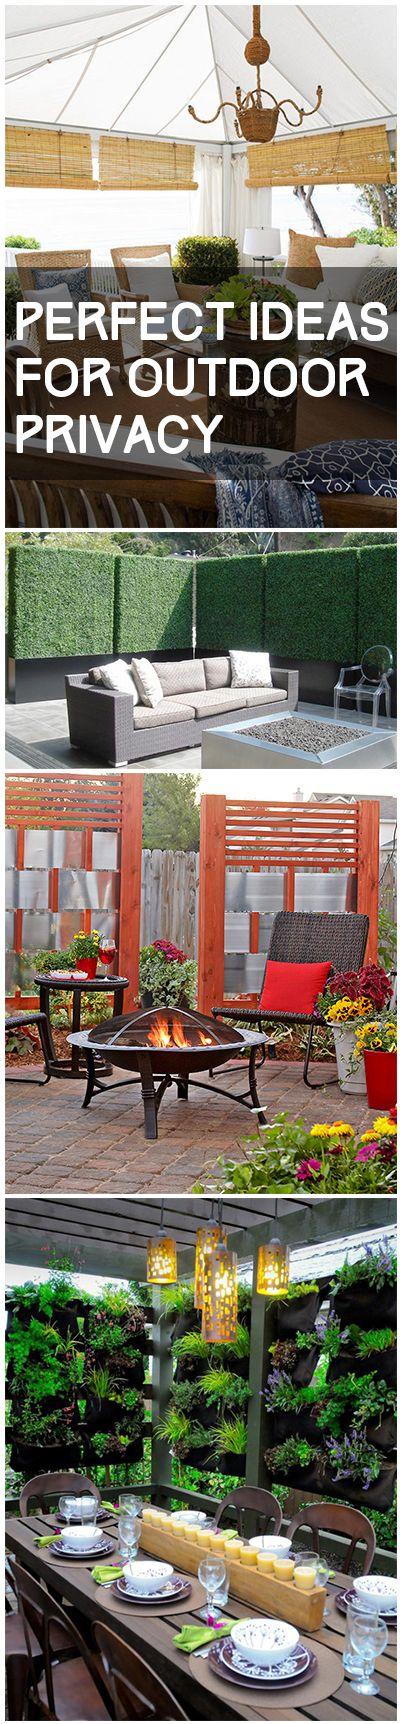 fence garden ideas. outdoor privacy ideas living fence garden diys popular pin